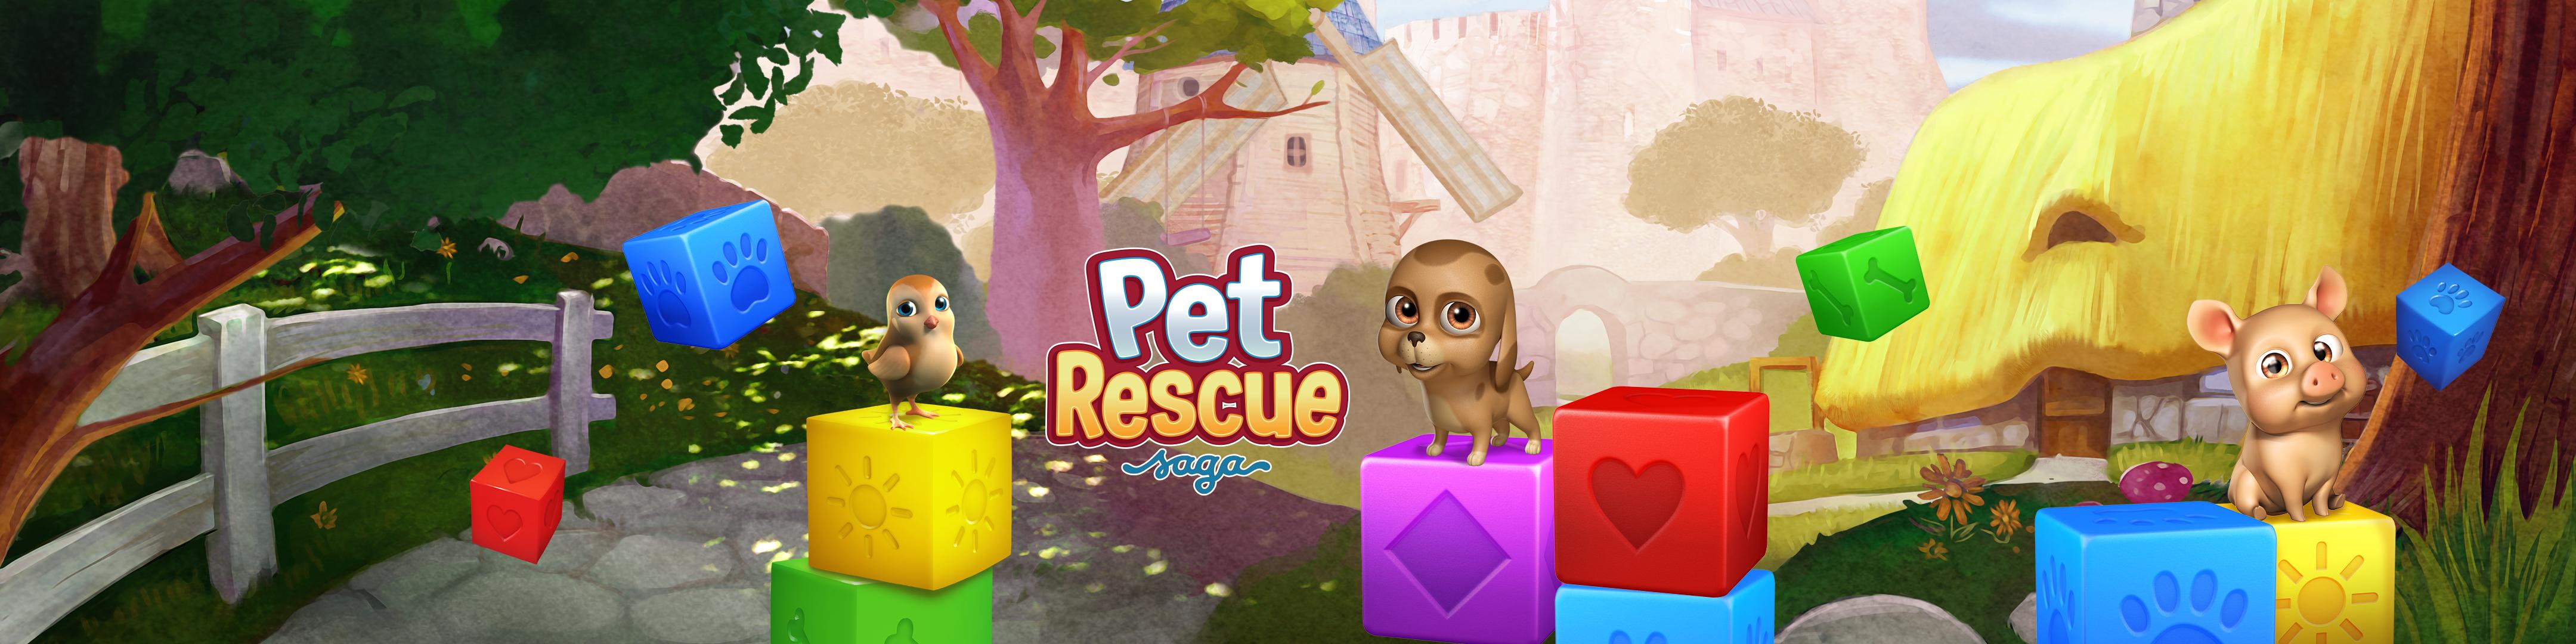 💋 King pet rescue saga download | Download Pet Rescue Saga